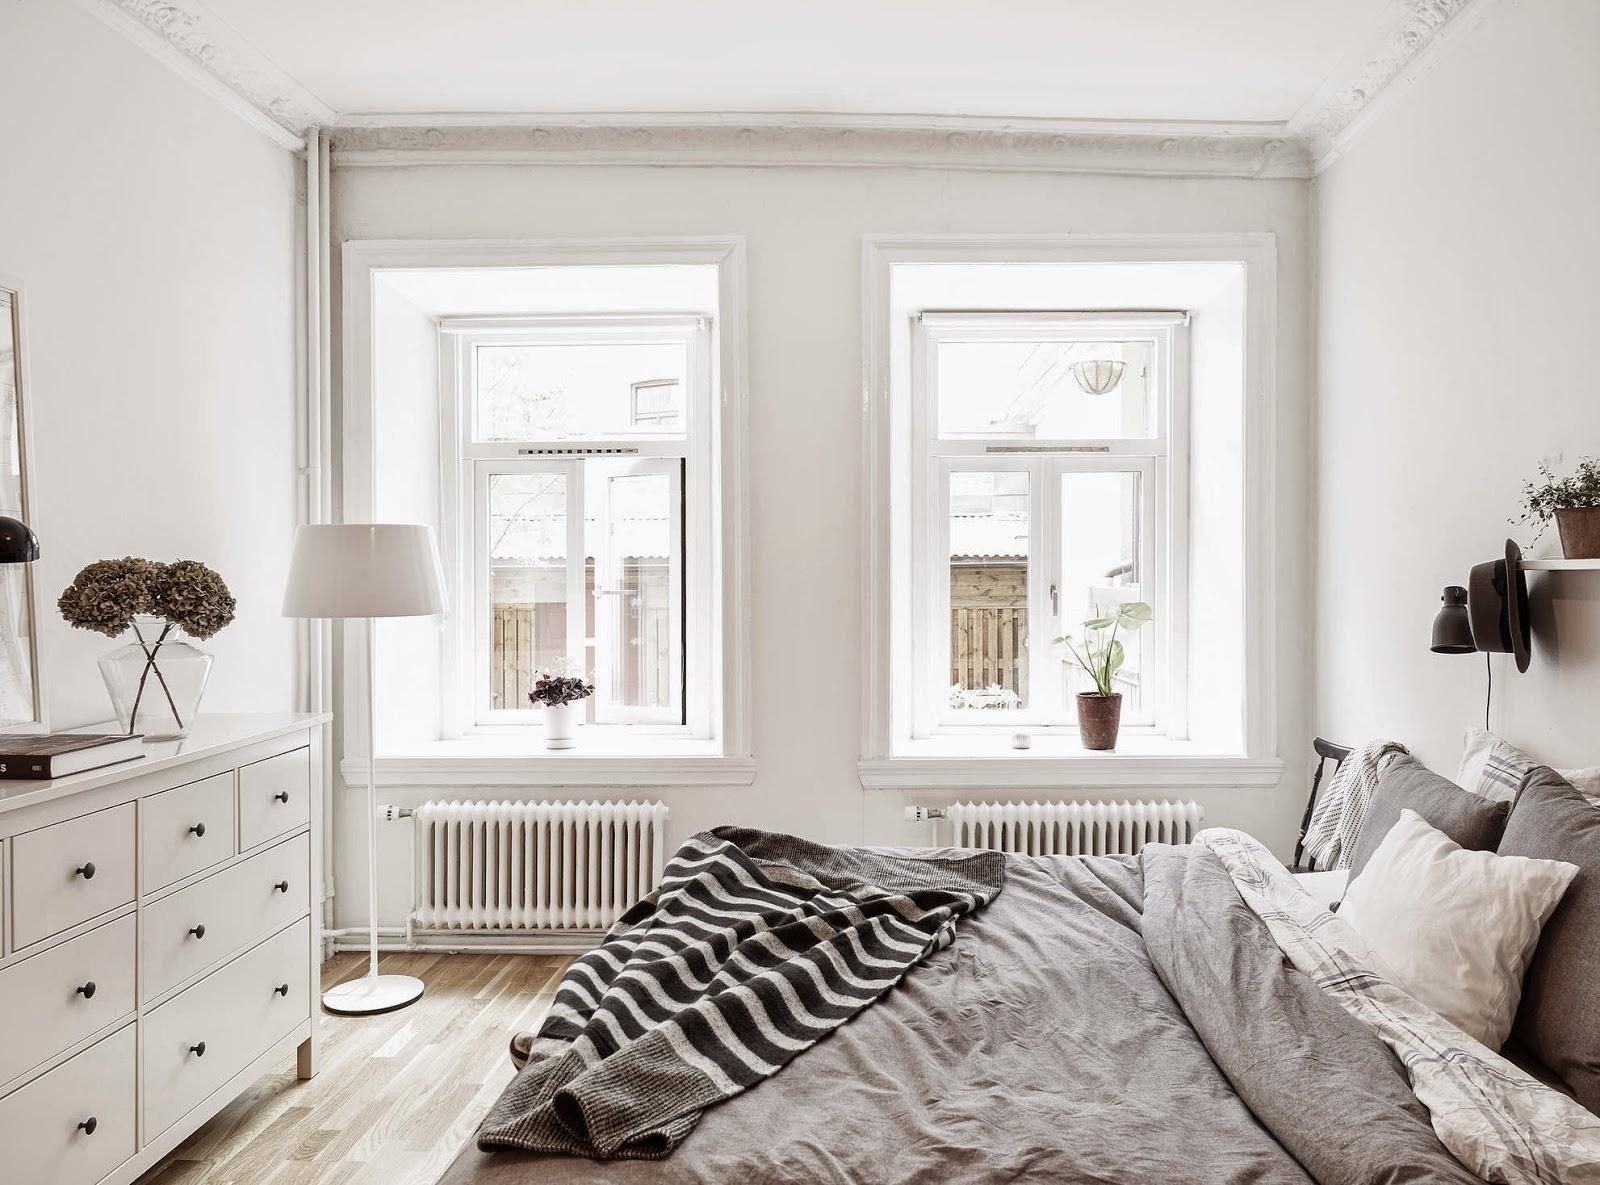 Woonkamer ideeen: rode woonkamer voorbeeld pictures.